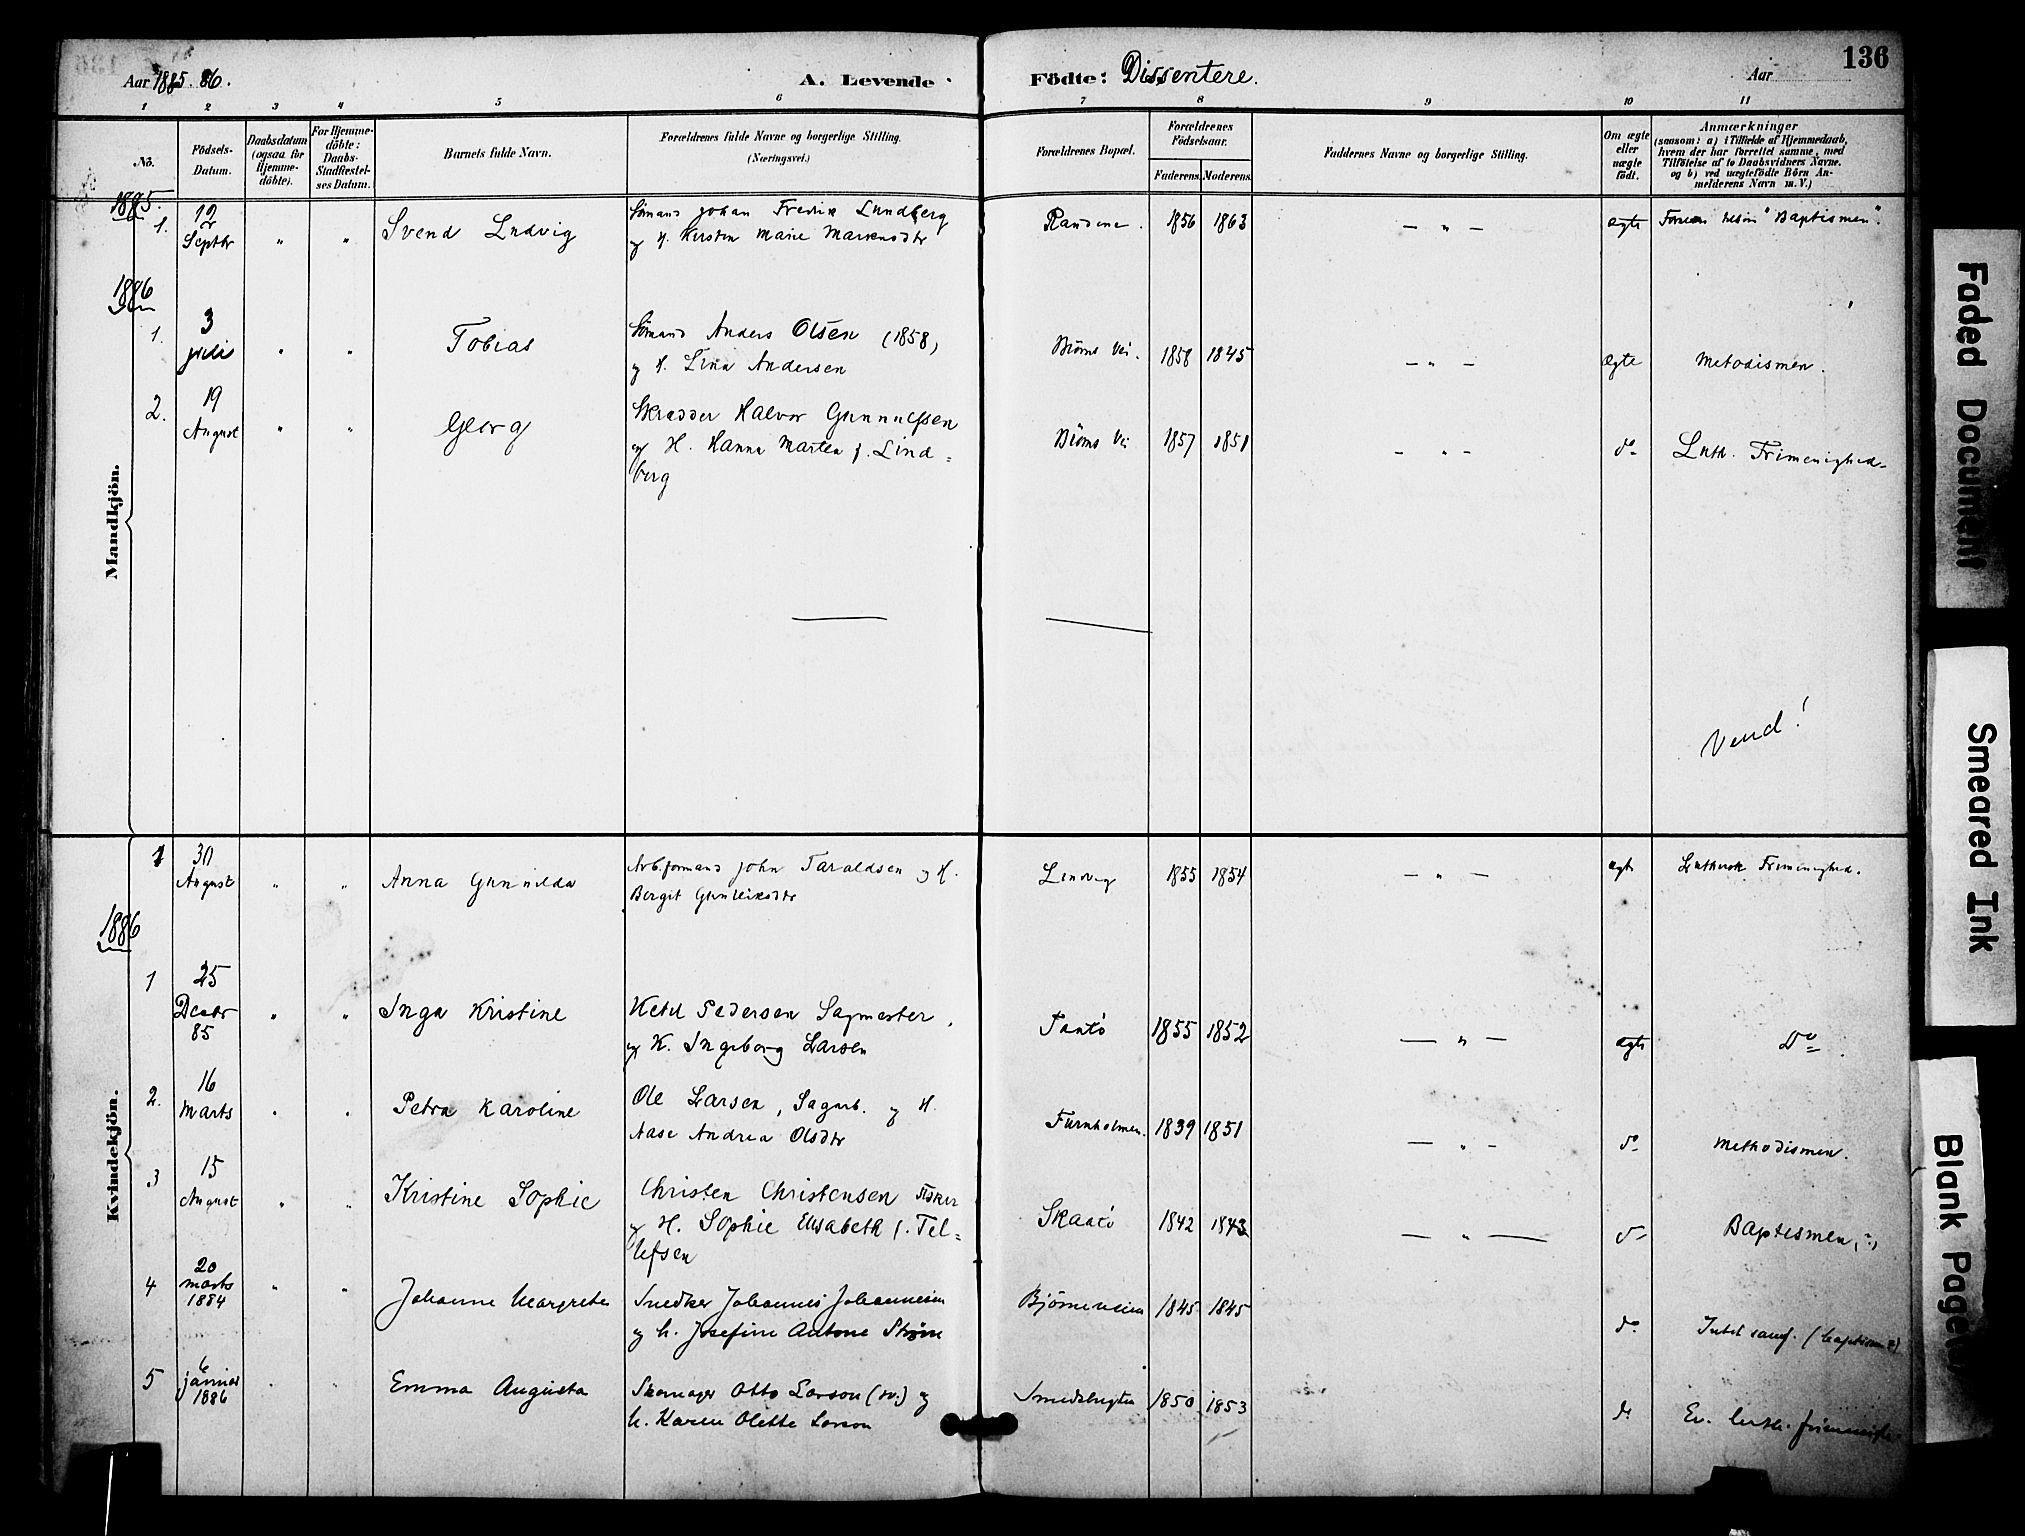 SAKO, Skåtøy kirkebøker, F/Fa/L0002: Ministerialbok nr. I 2, 1884-1899, s. 136